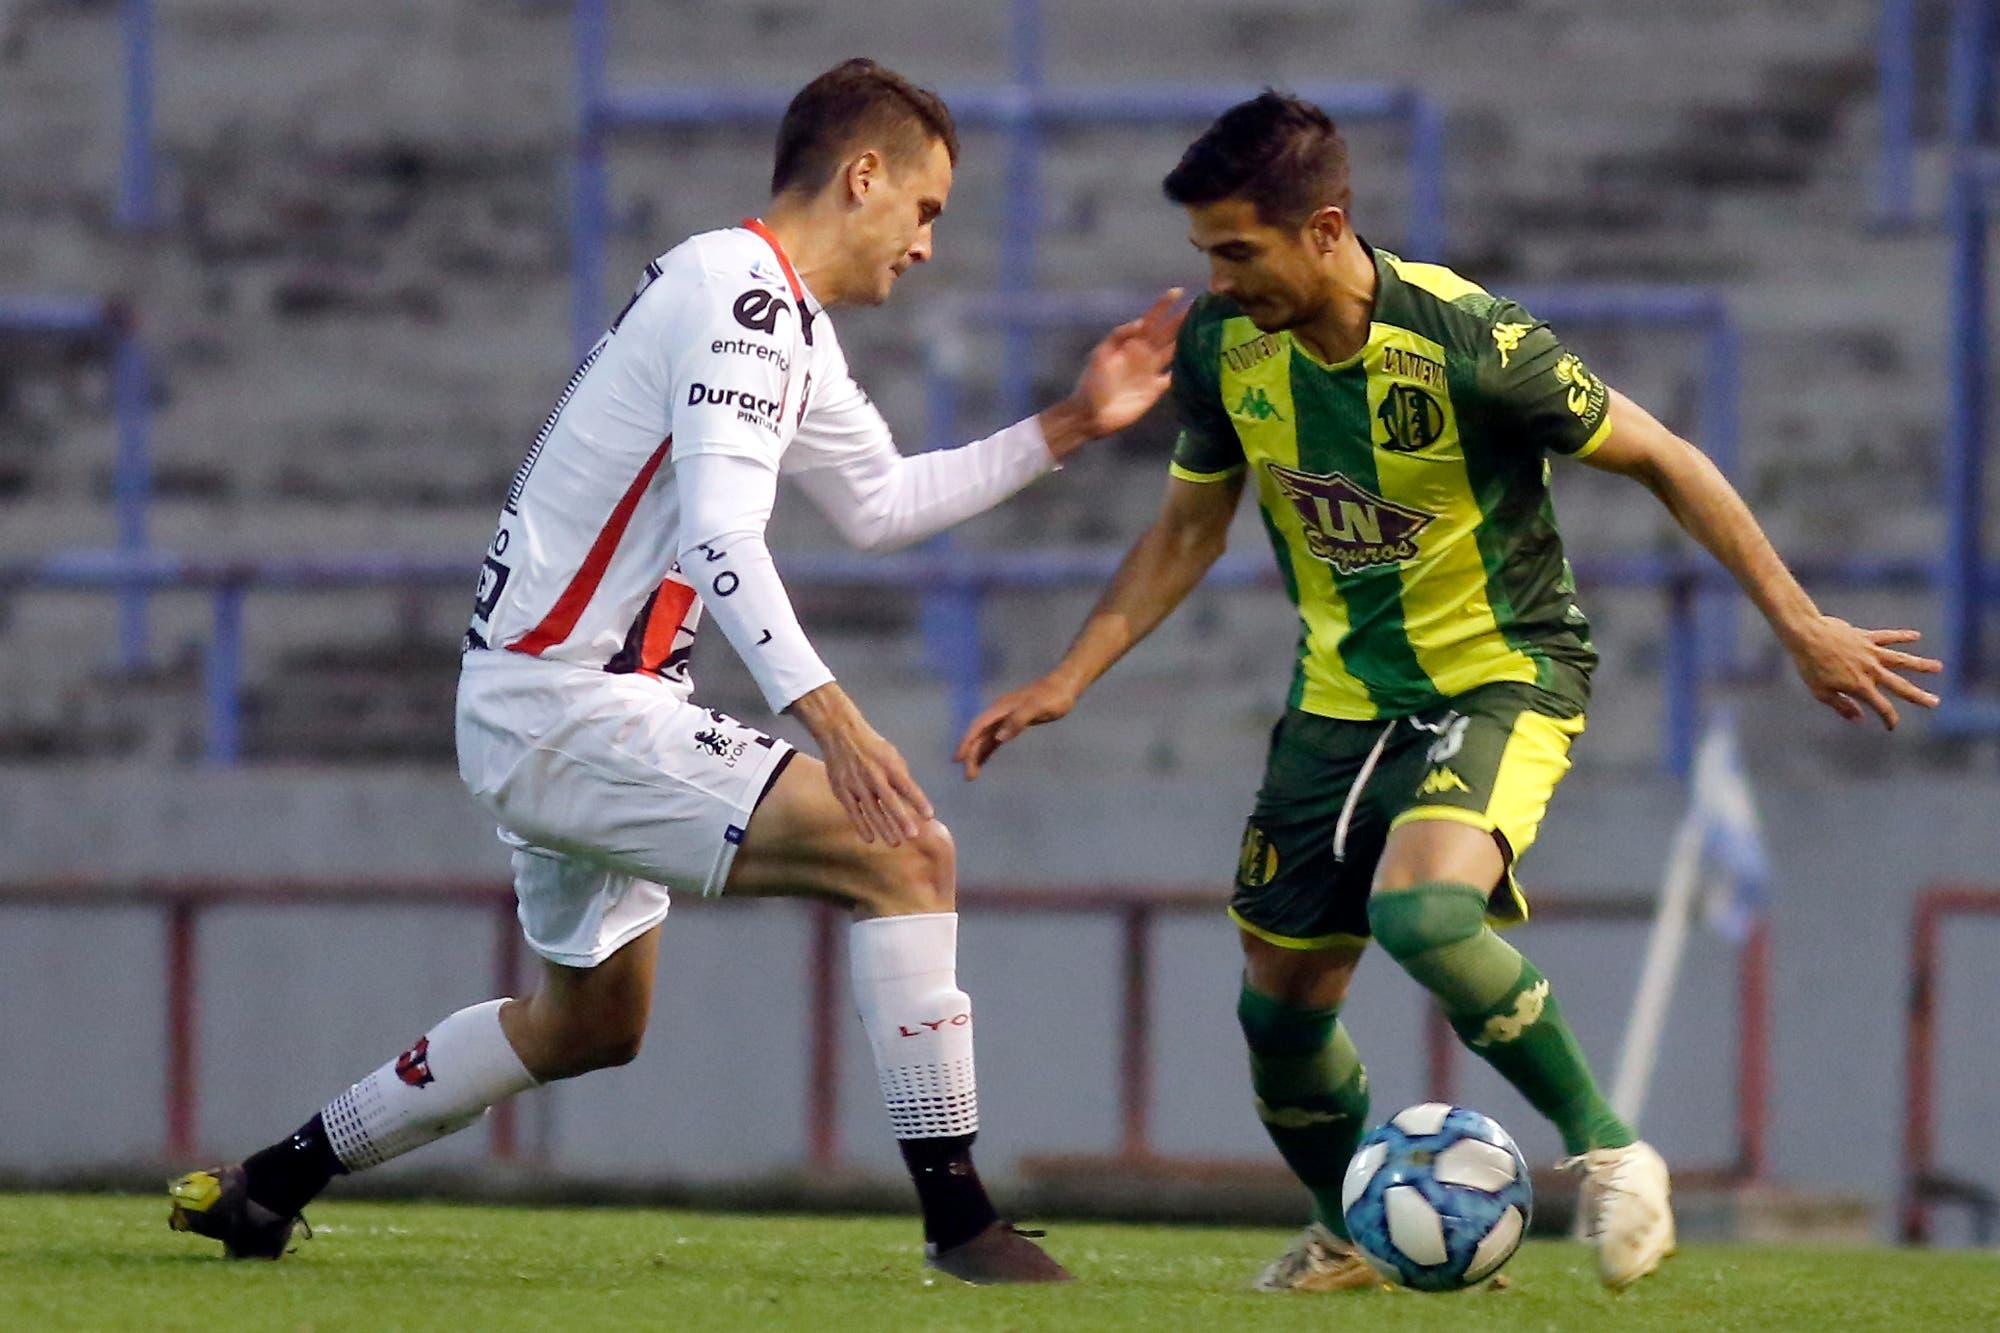 Aldosivi-Patronato, por la Superliga: ya se juega un duelo clave por los promedios